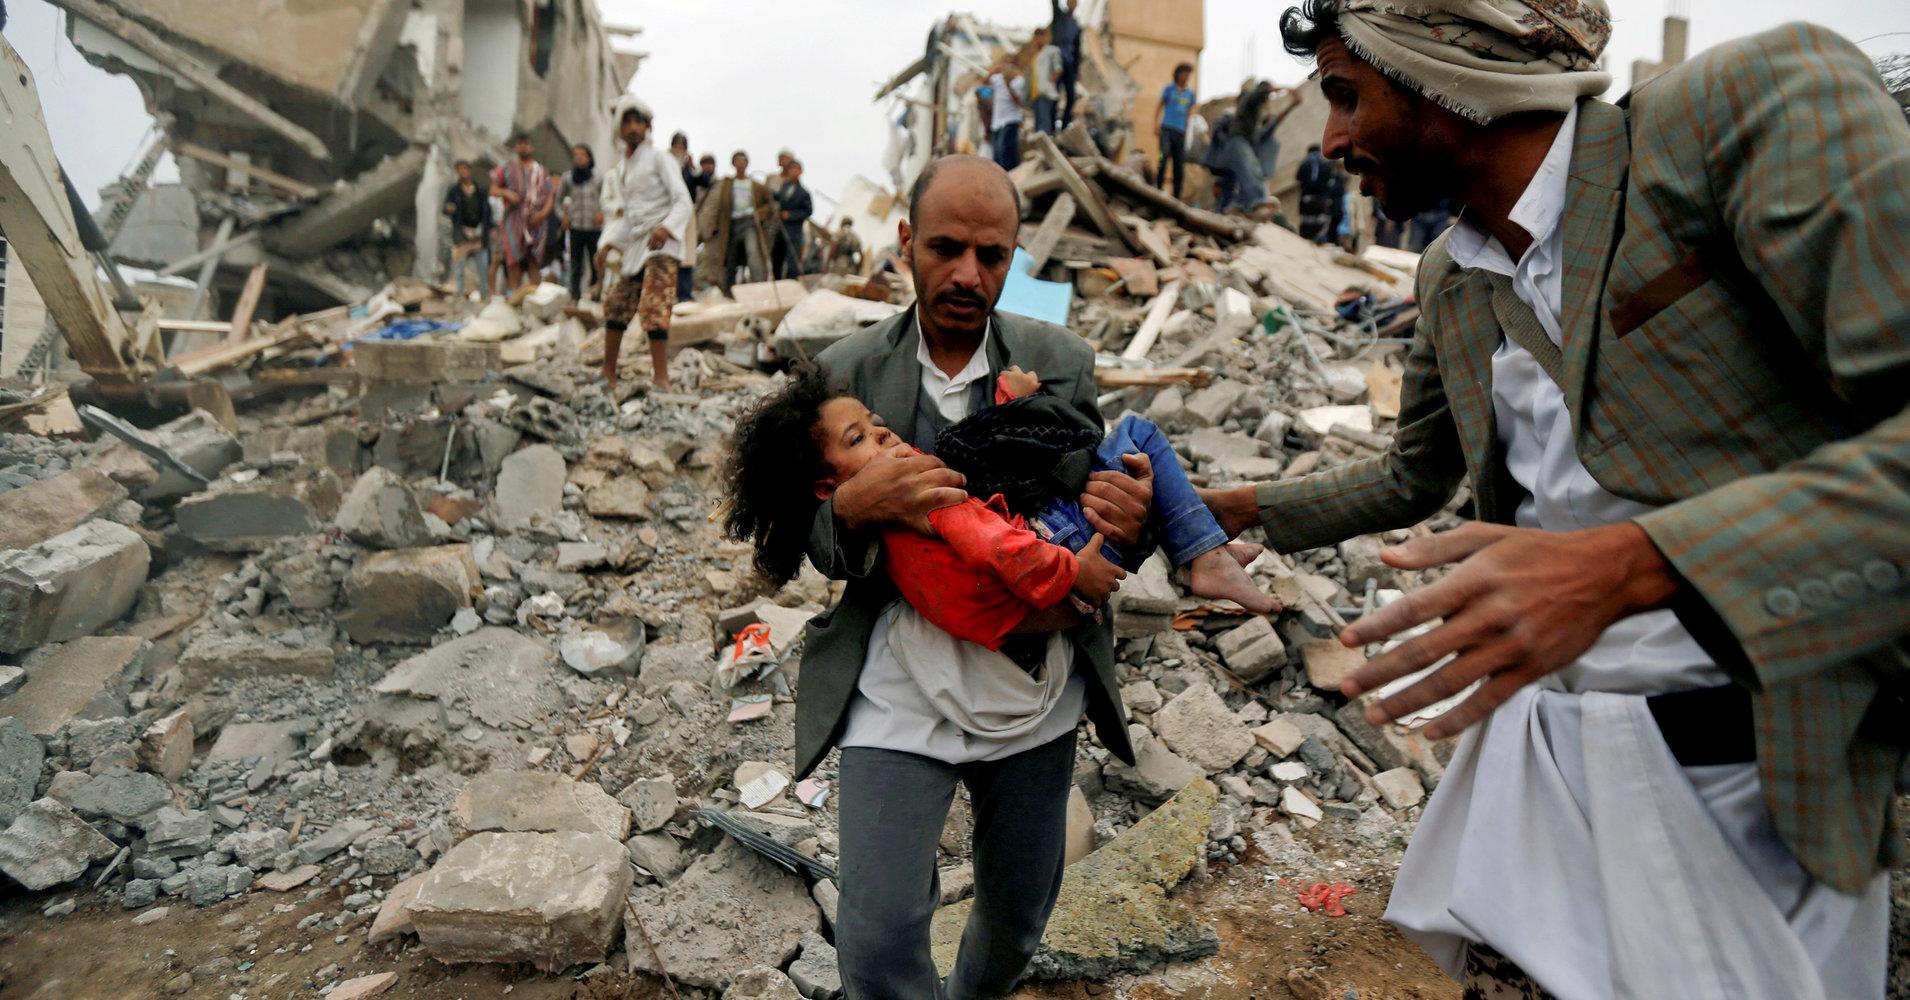 yemen-popolazione-sullorlo-della-carestia